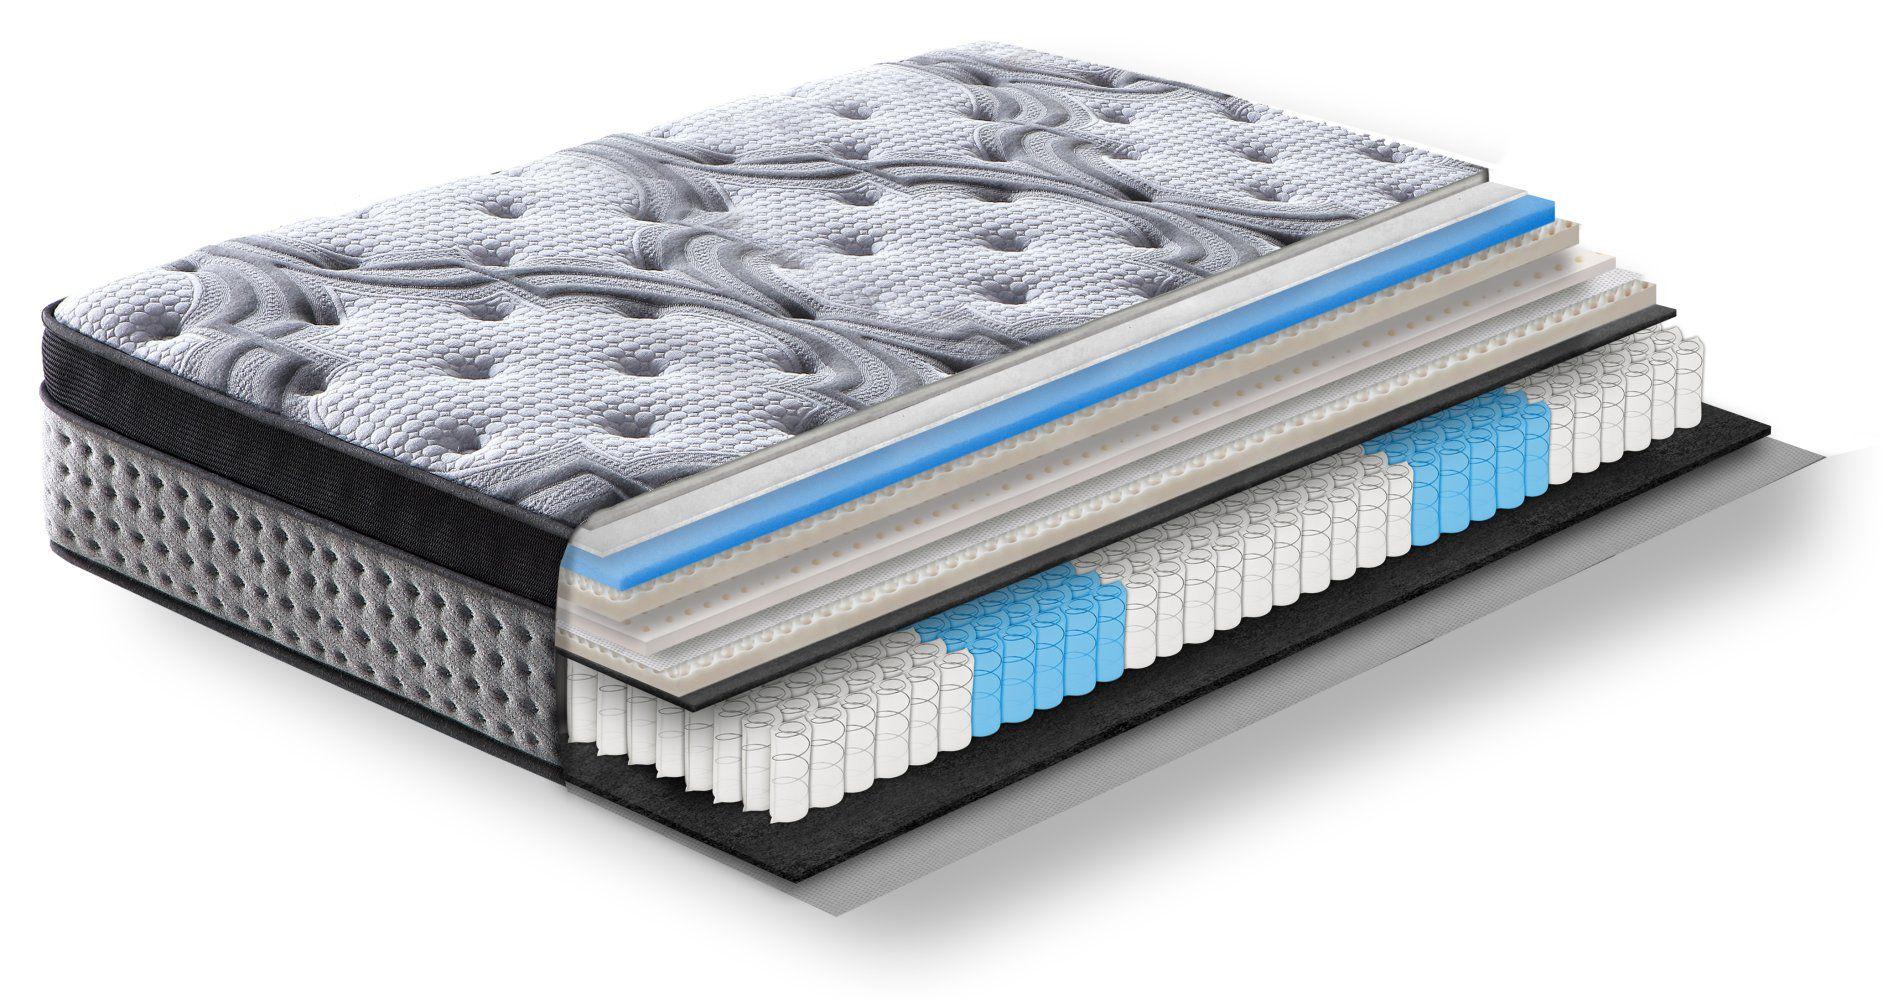 Steiner Premium Matras Comfort met 5-zones pocketveren kern - Afmeting: 140 x 200 cm, hardheidsgraad H3-H4, hoogte: 34 cm